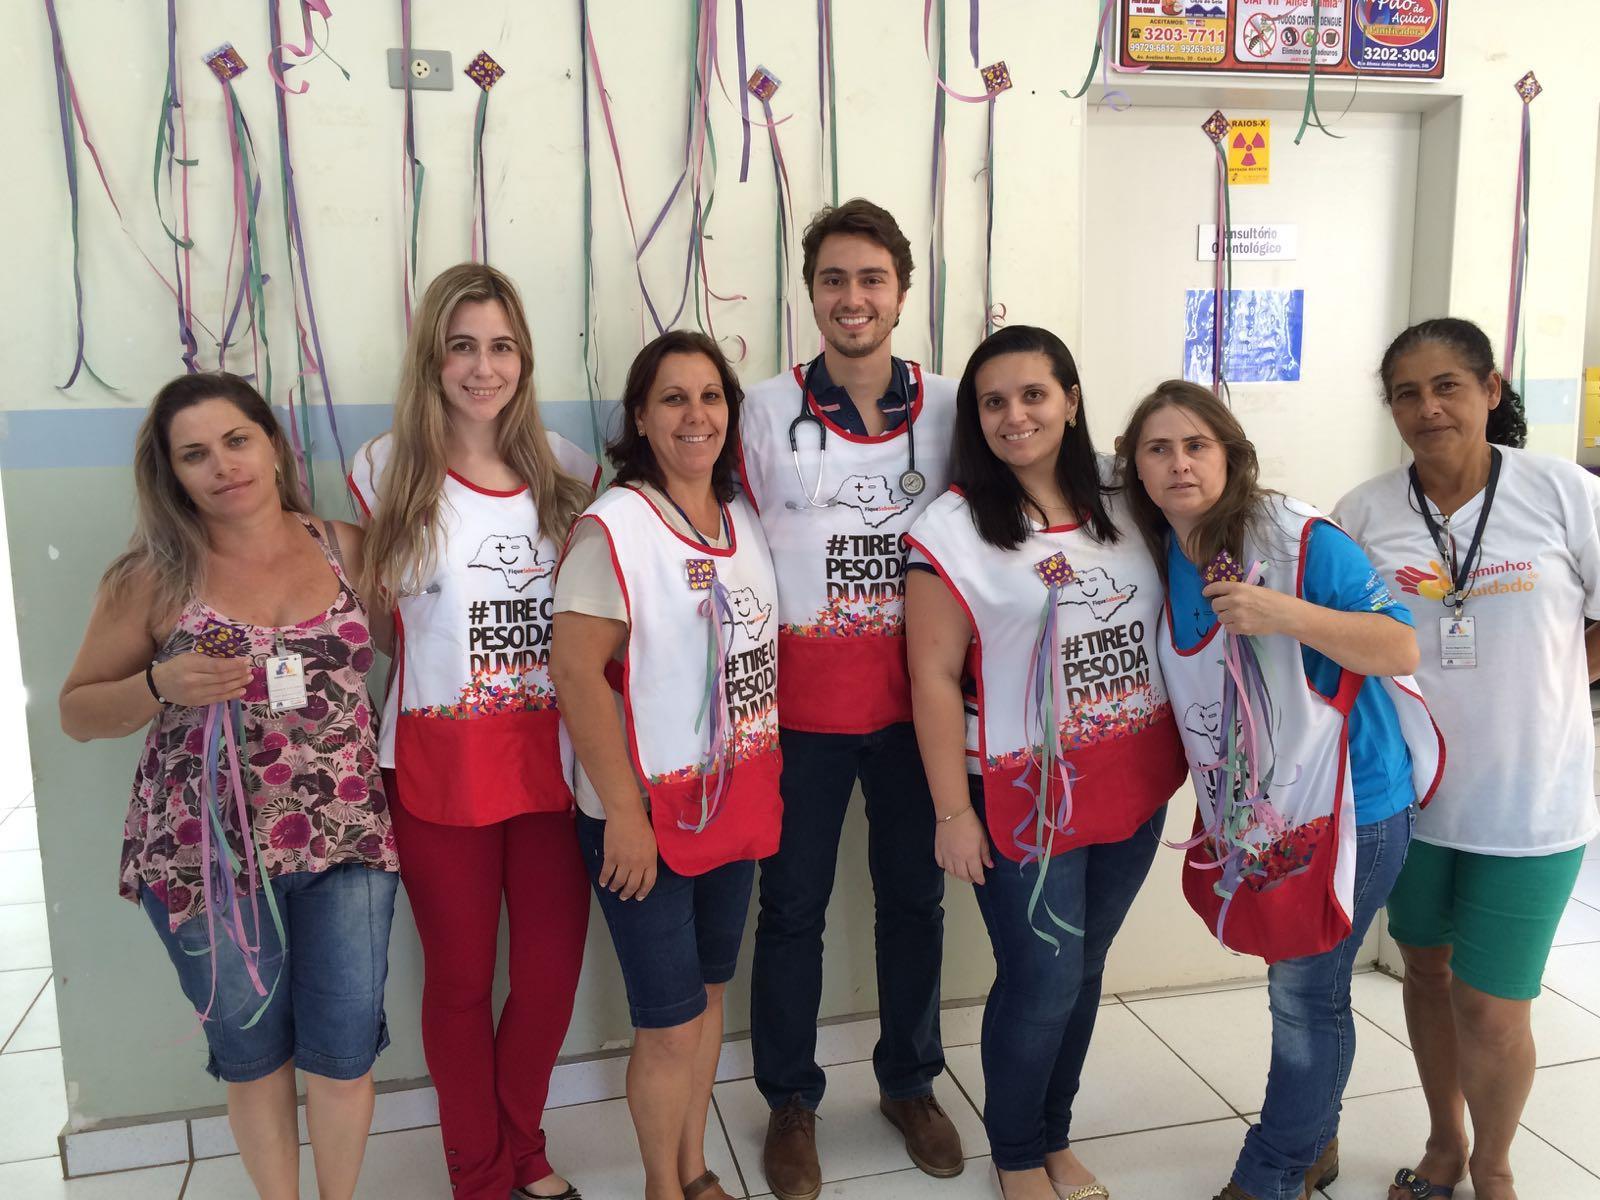 Profissionais da área deram explicações sobre o trabalho (Foto: Reginaldo Coelho/Jornal 101)